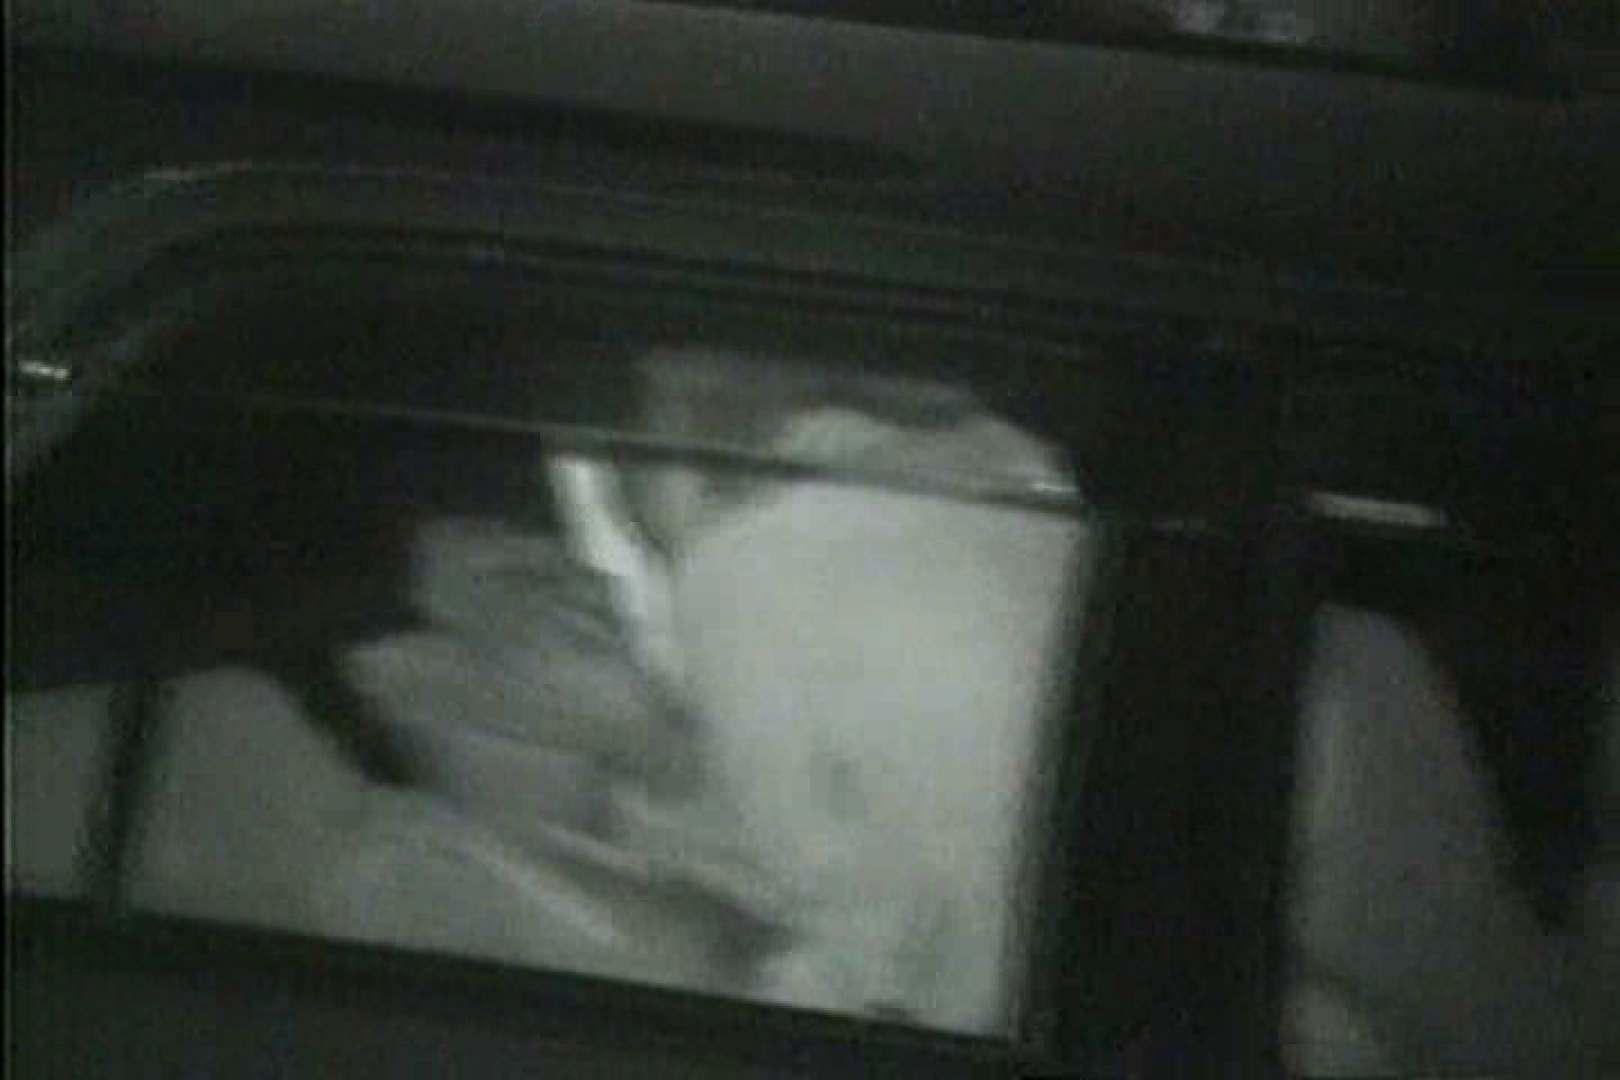 車の中はラブホテル 無修正版  Vol.10 望遠 盗み撮り動画キャプチャ 87pic 29